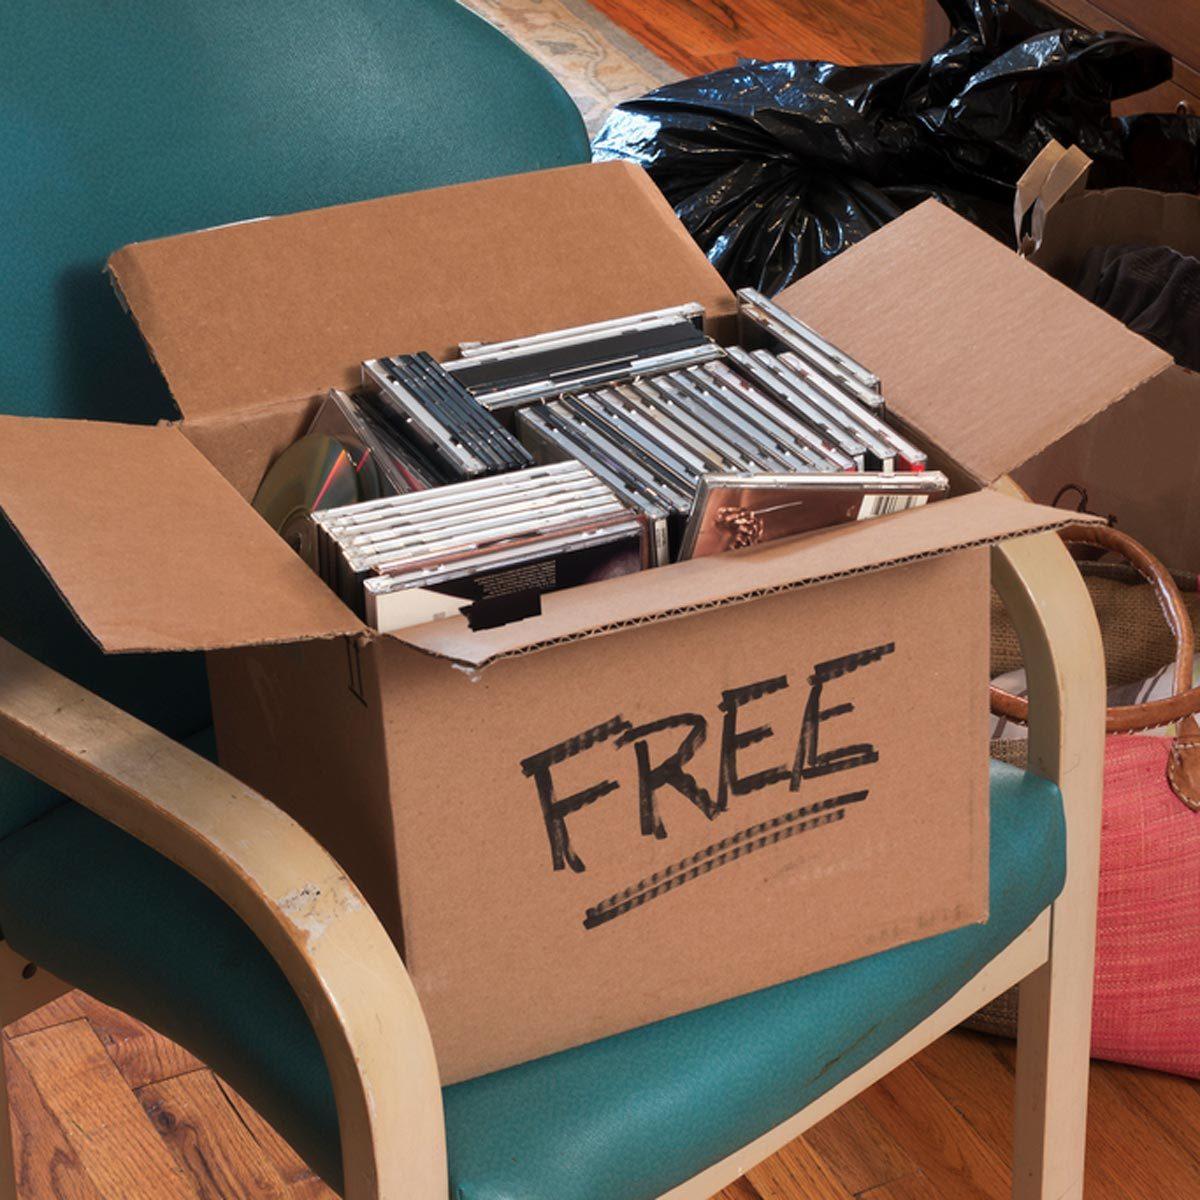 free stuff box